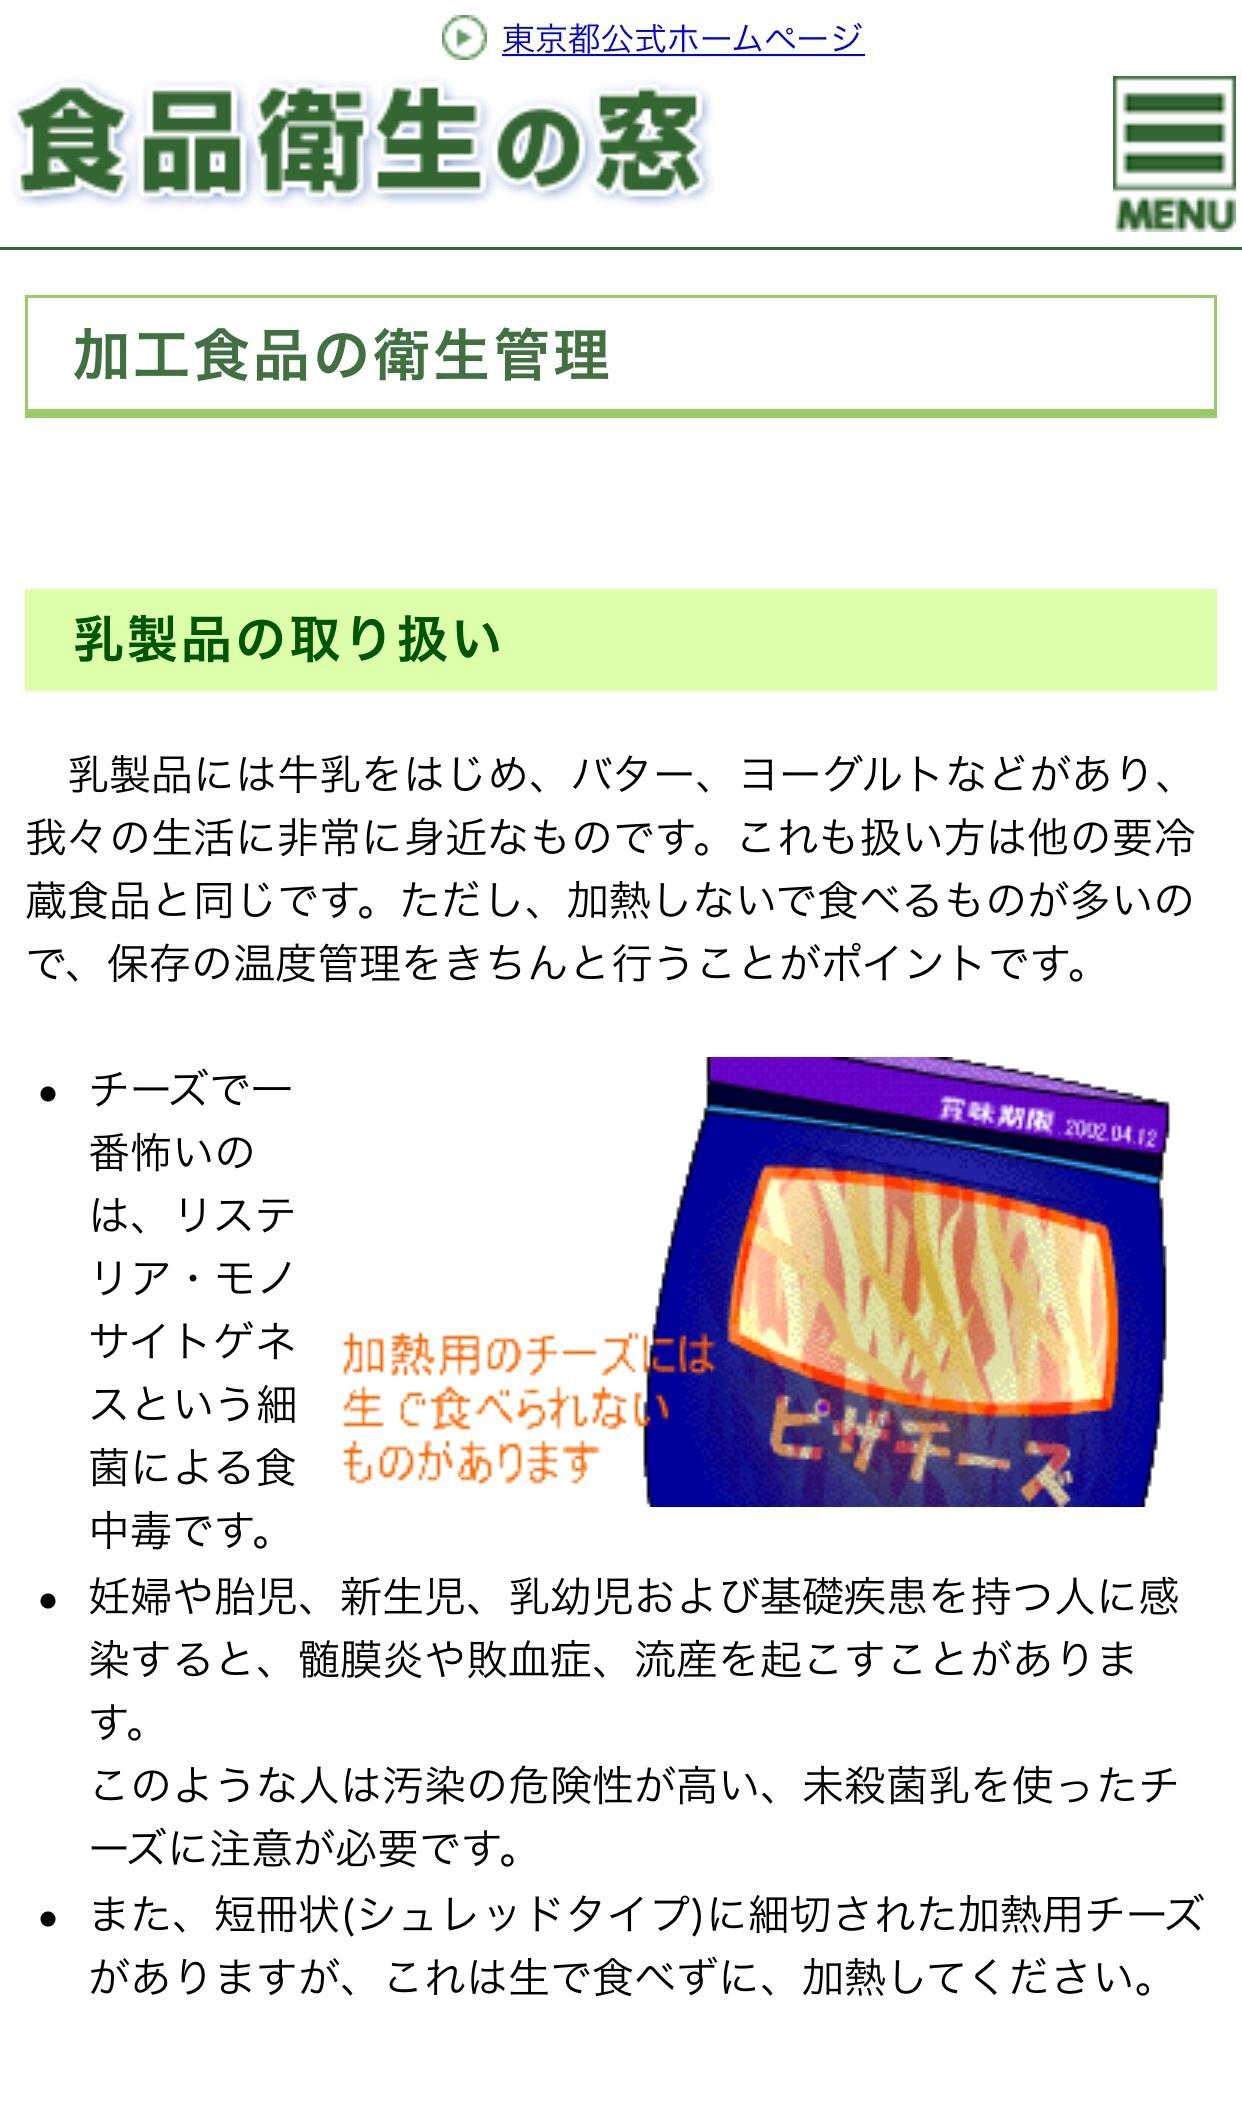 b0369427_17200269.jpg